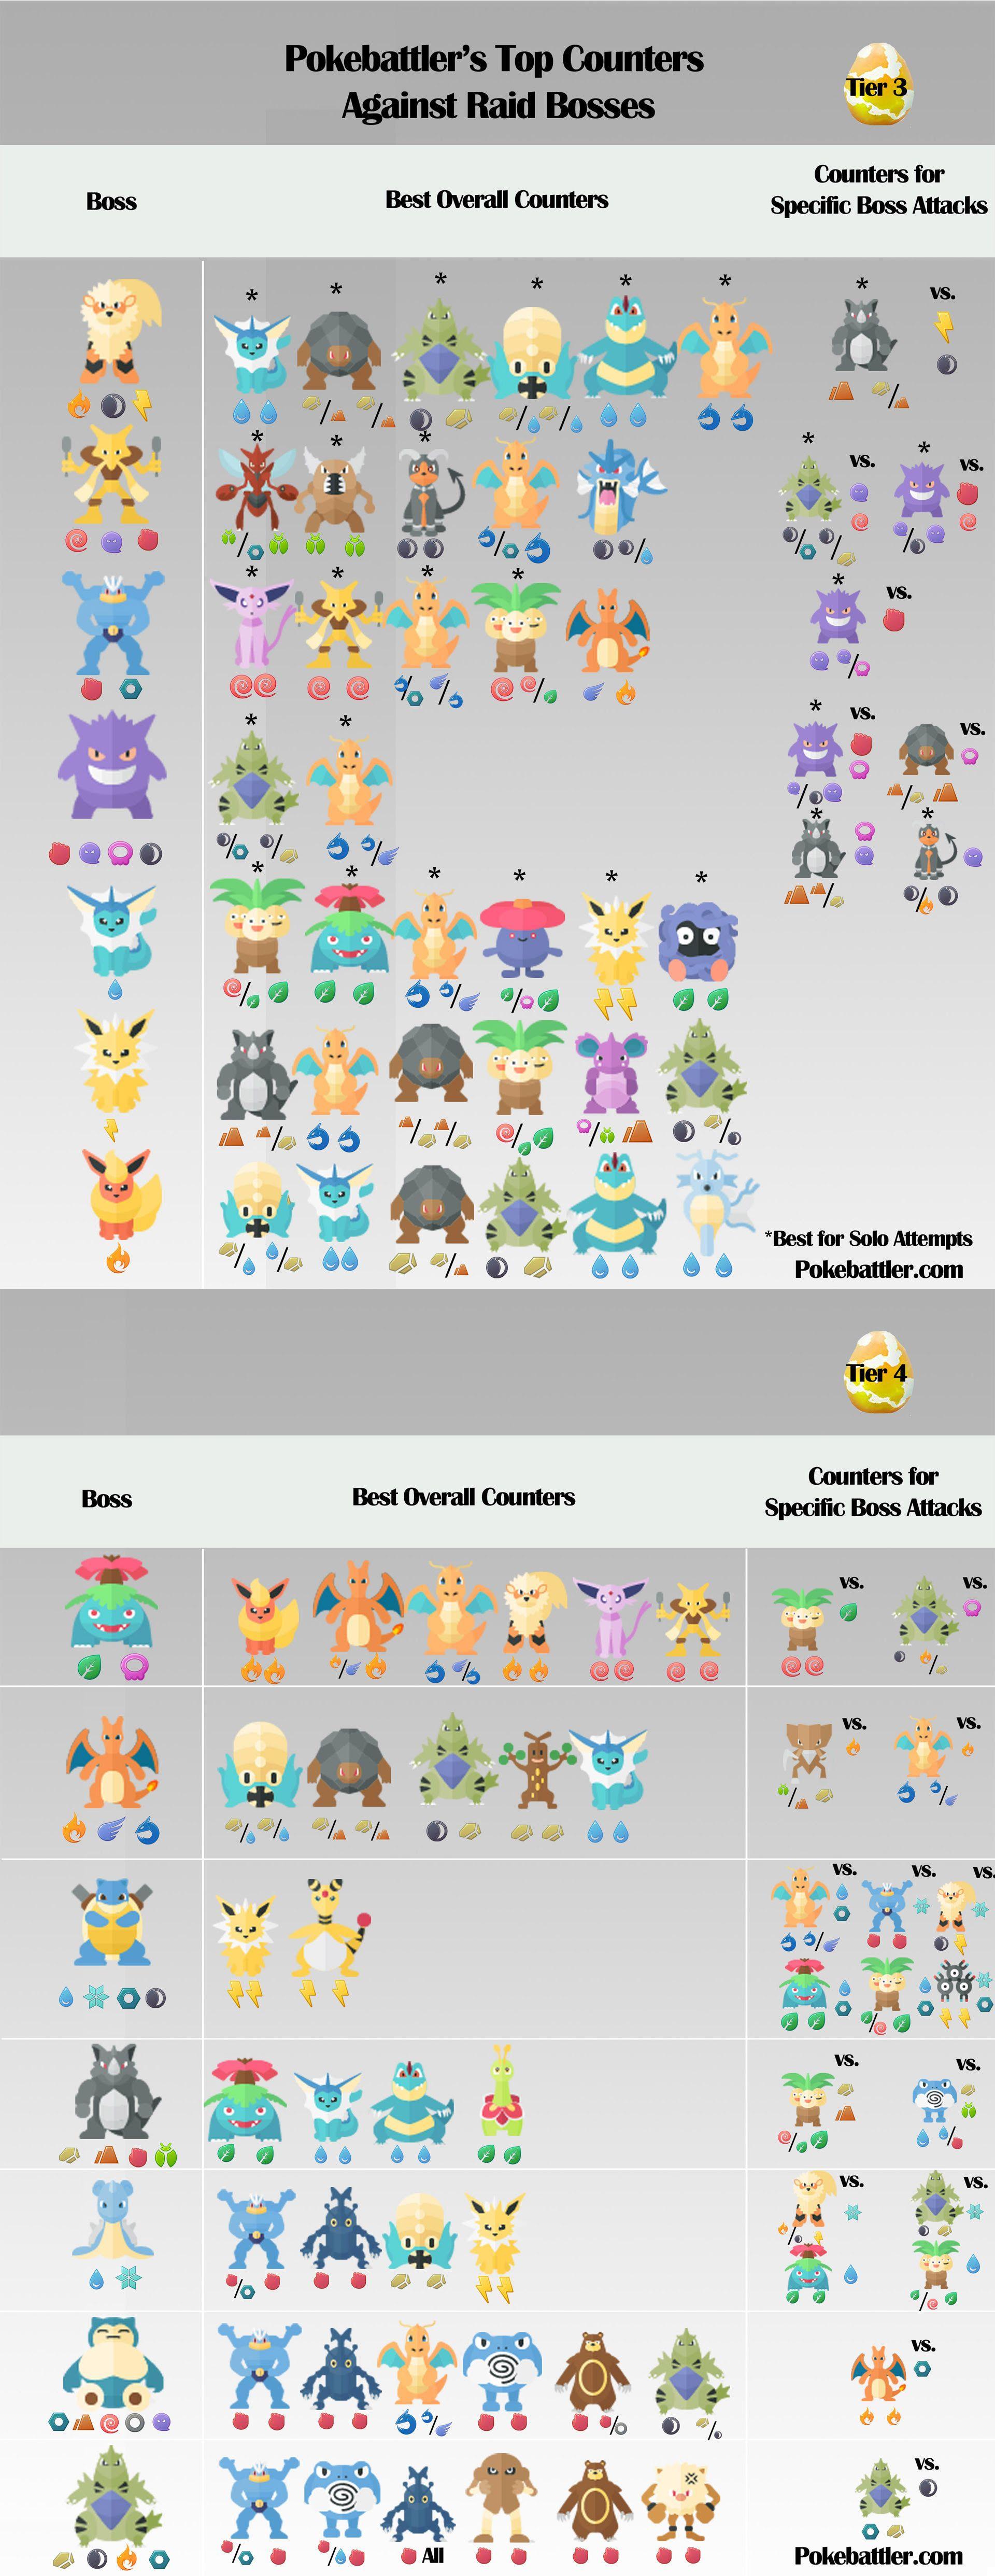 Pin by lianne siegel on pokemongo pokemon go soloing map